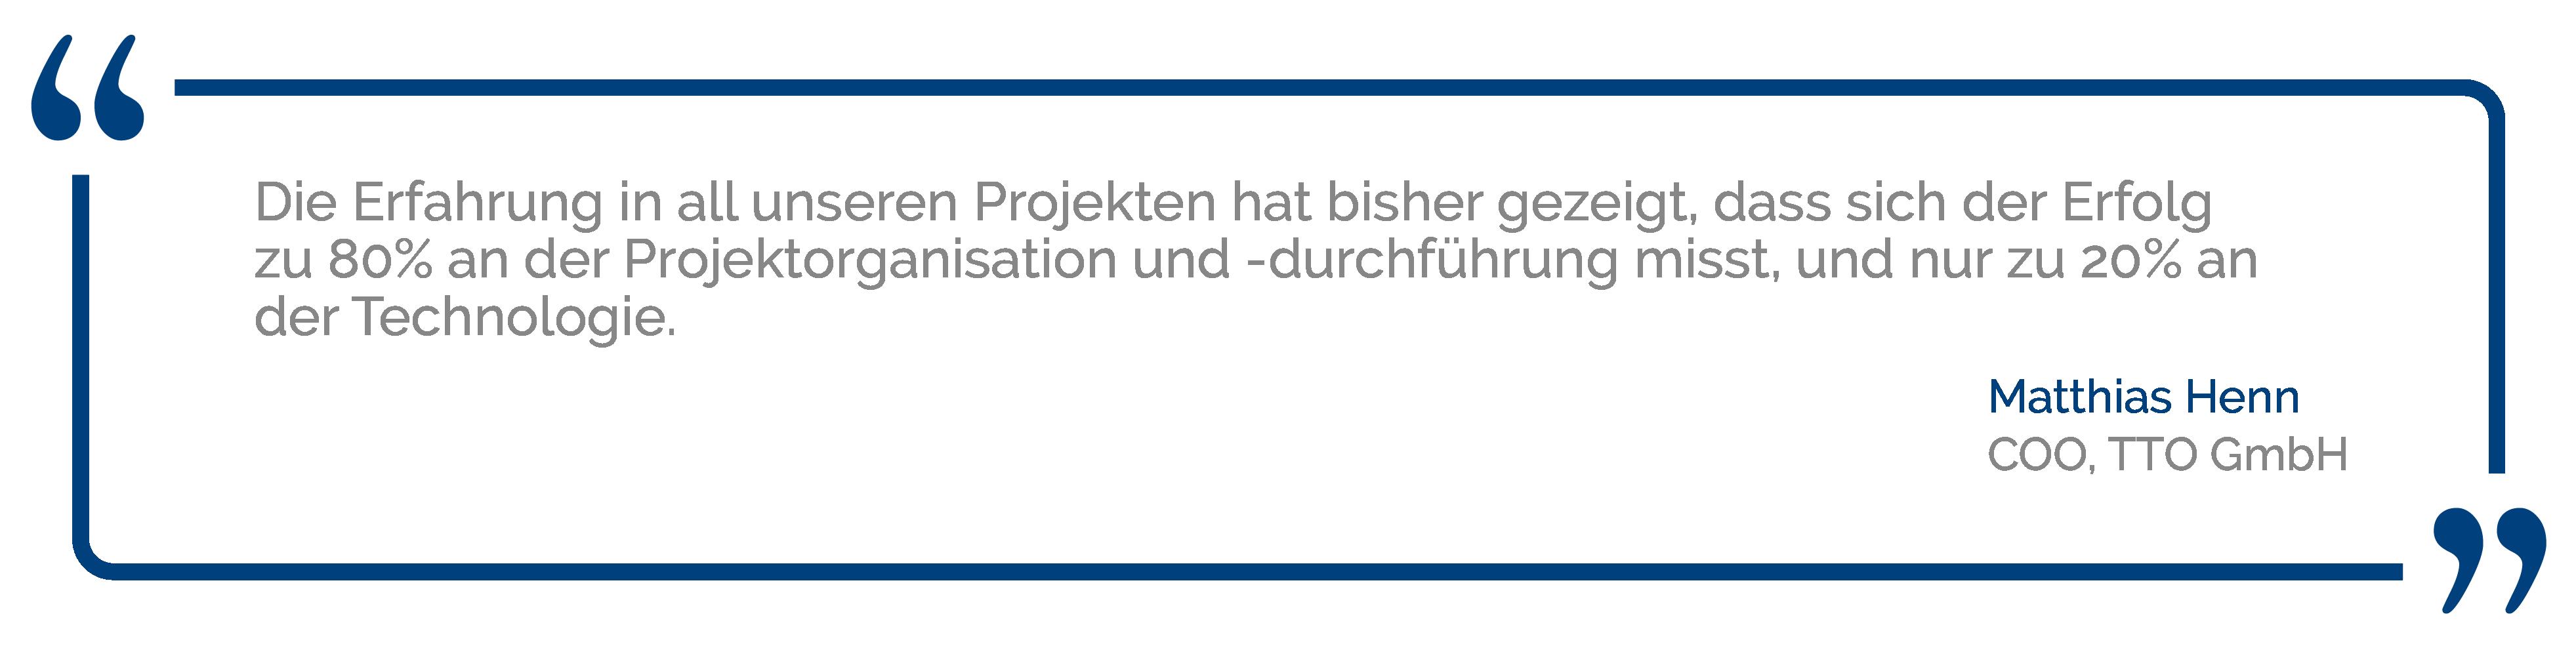 Zitat Matthias e-Invoicing-03